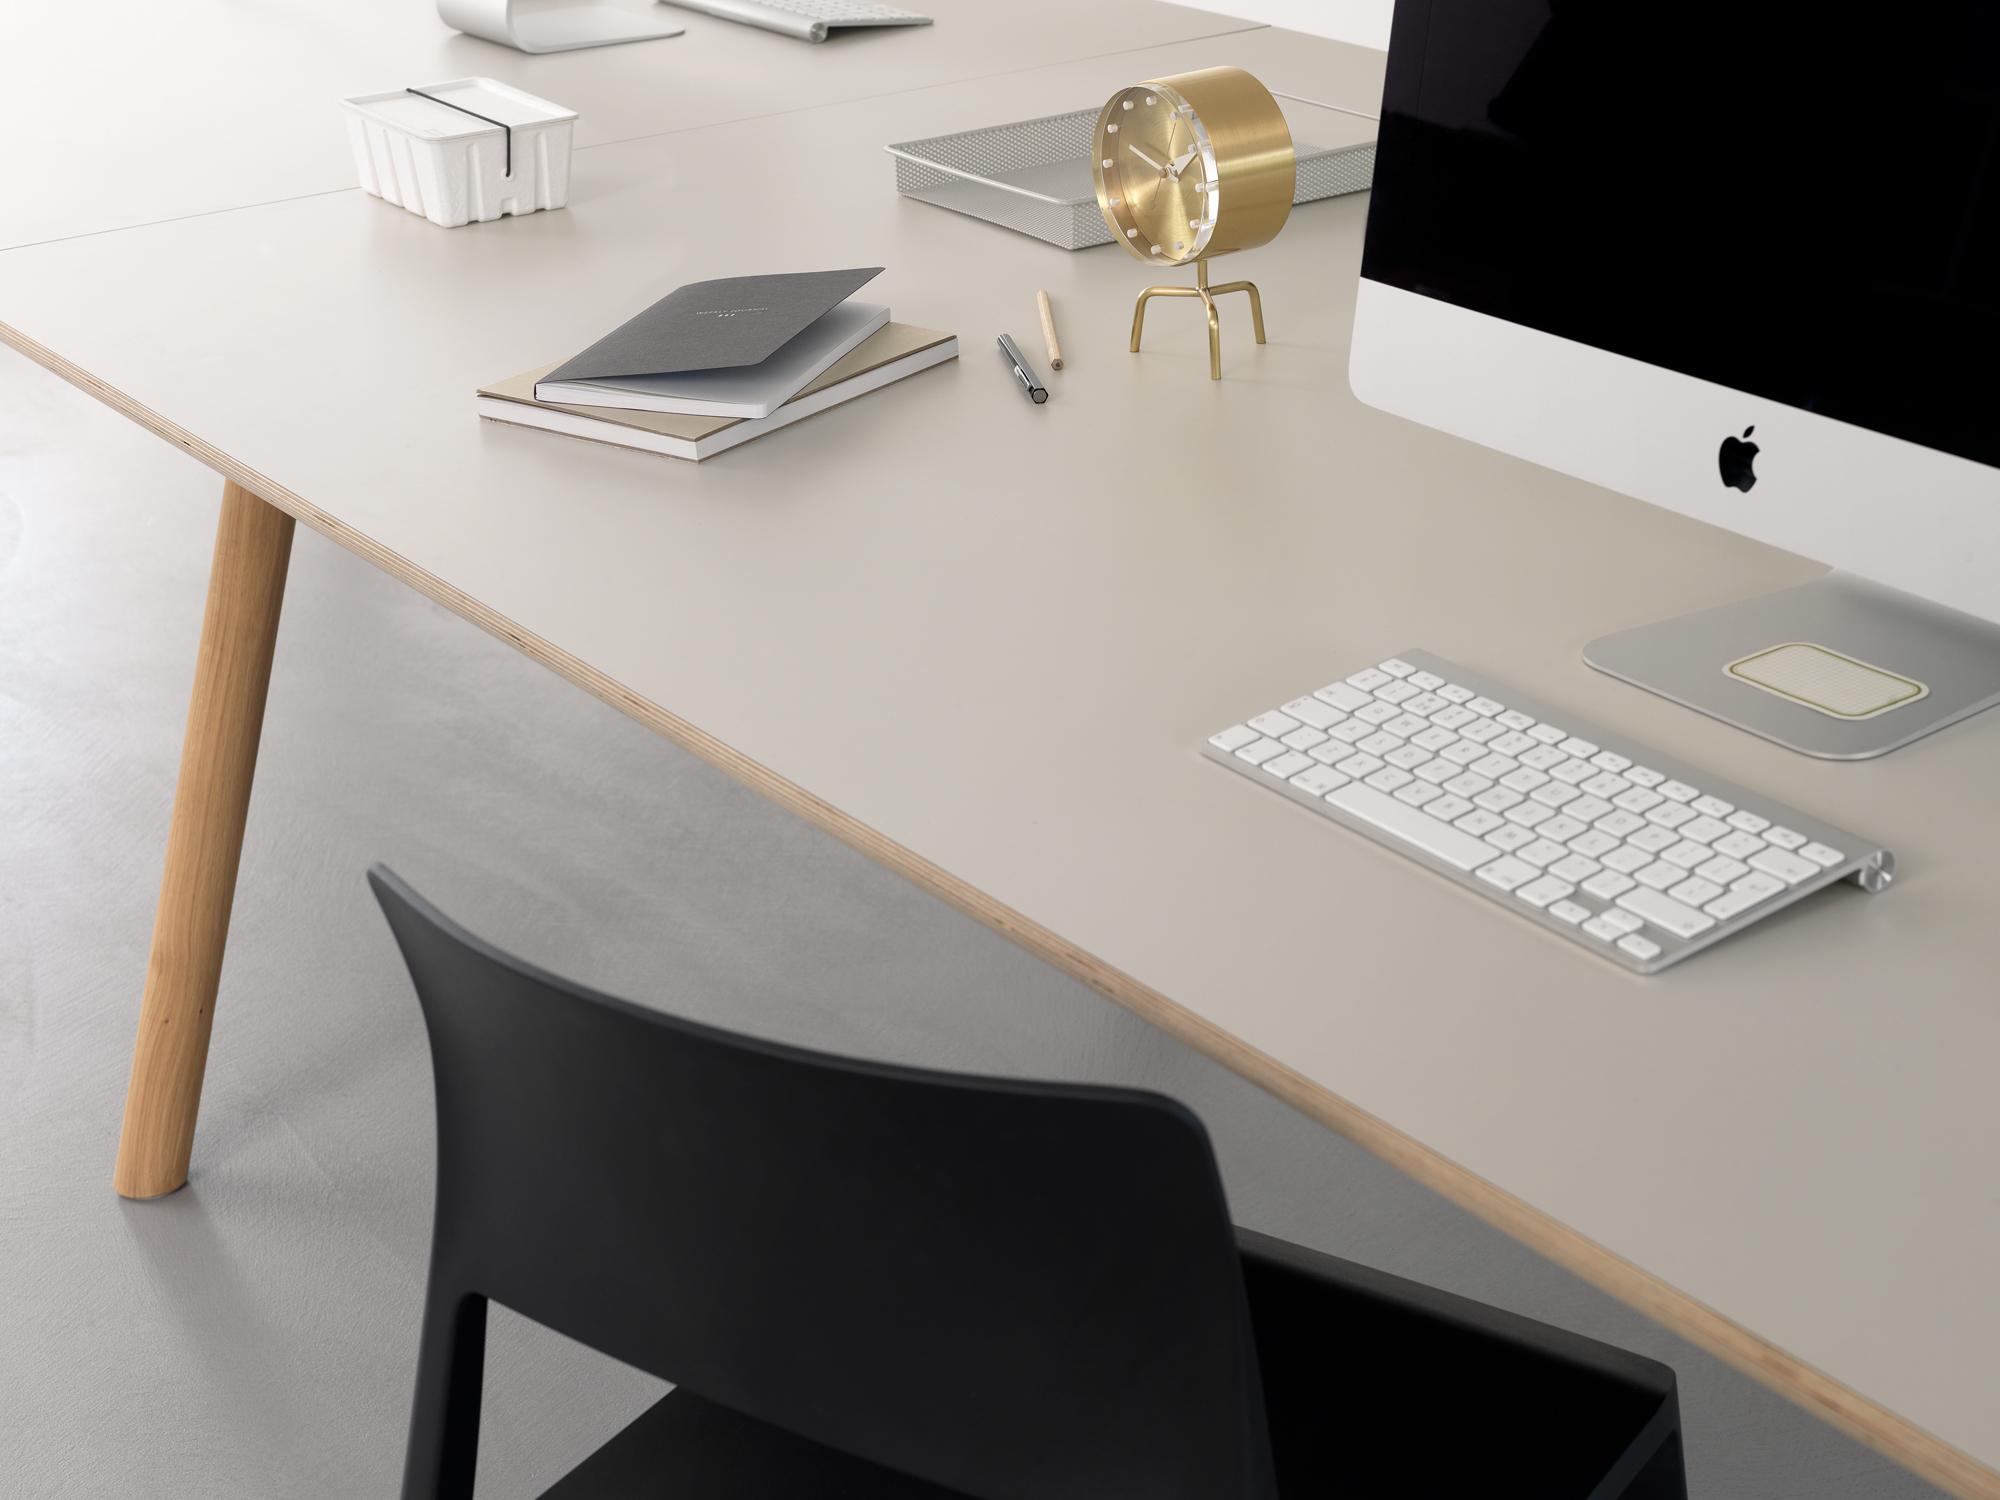 F r das moderne b ro node design tisch interiorpark for Designer tischplatten